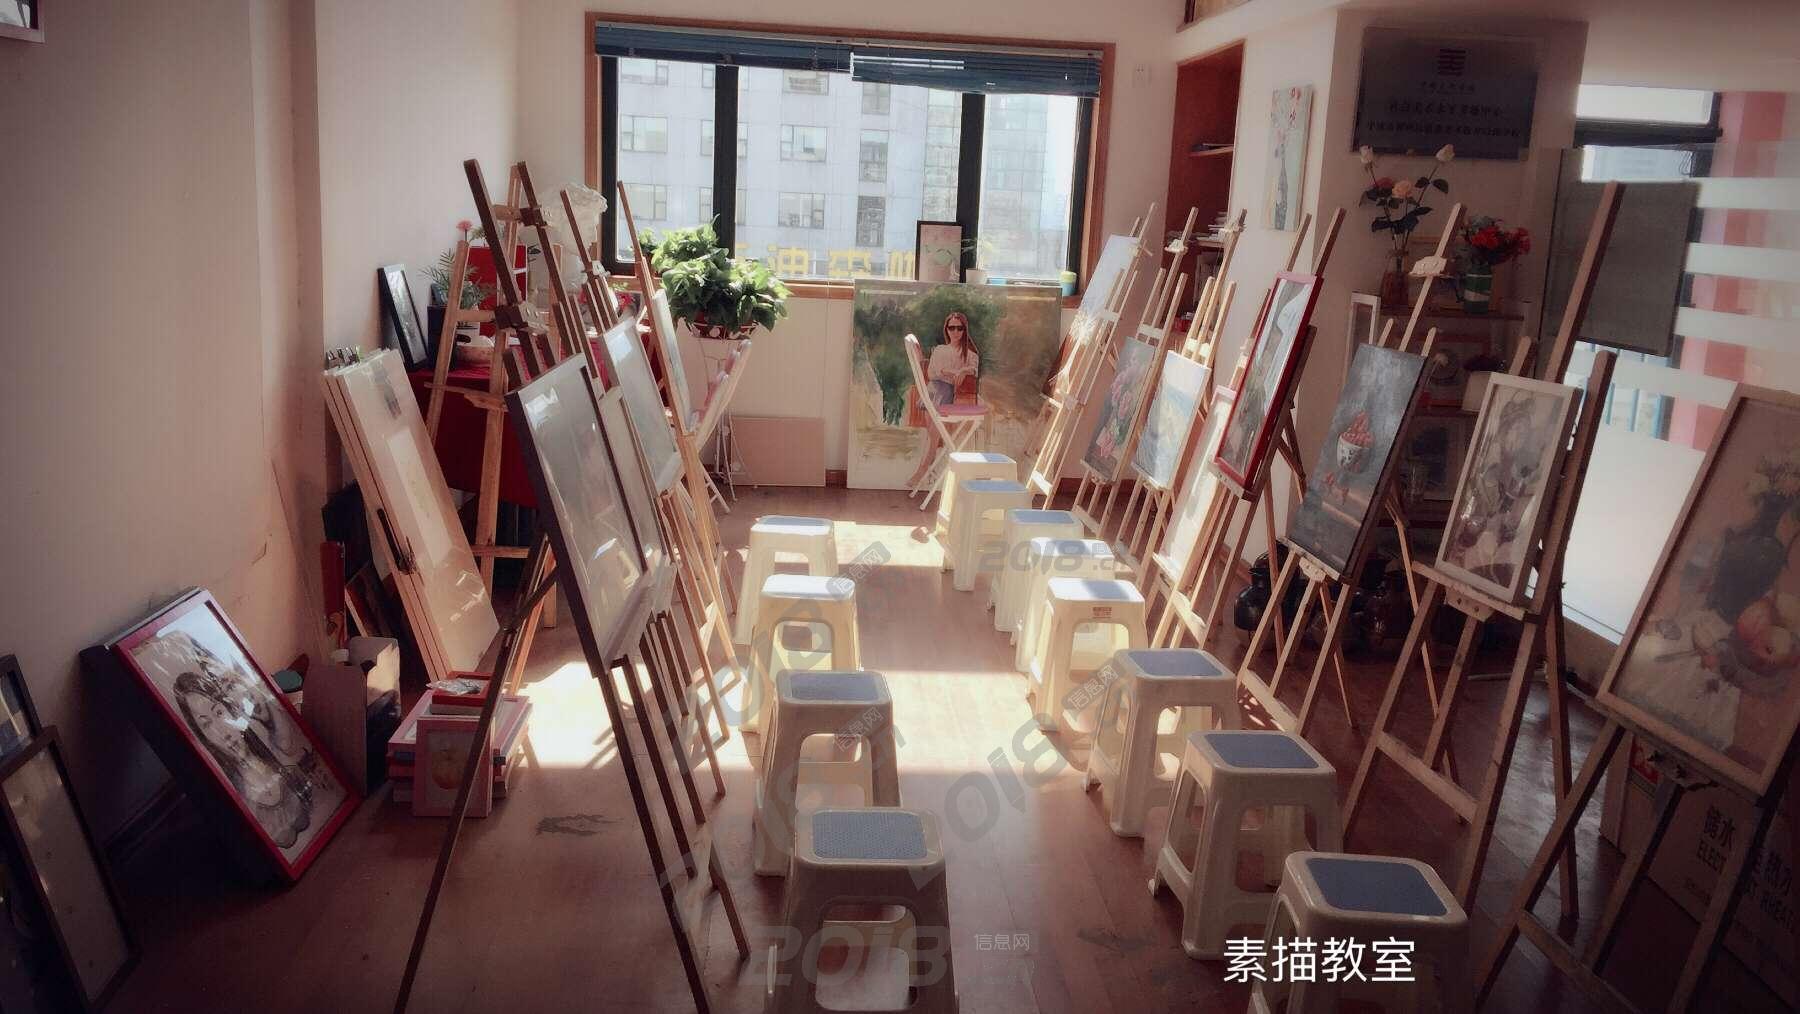 让你爱上画画,遇见另个自己 零基础学美术课程